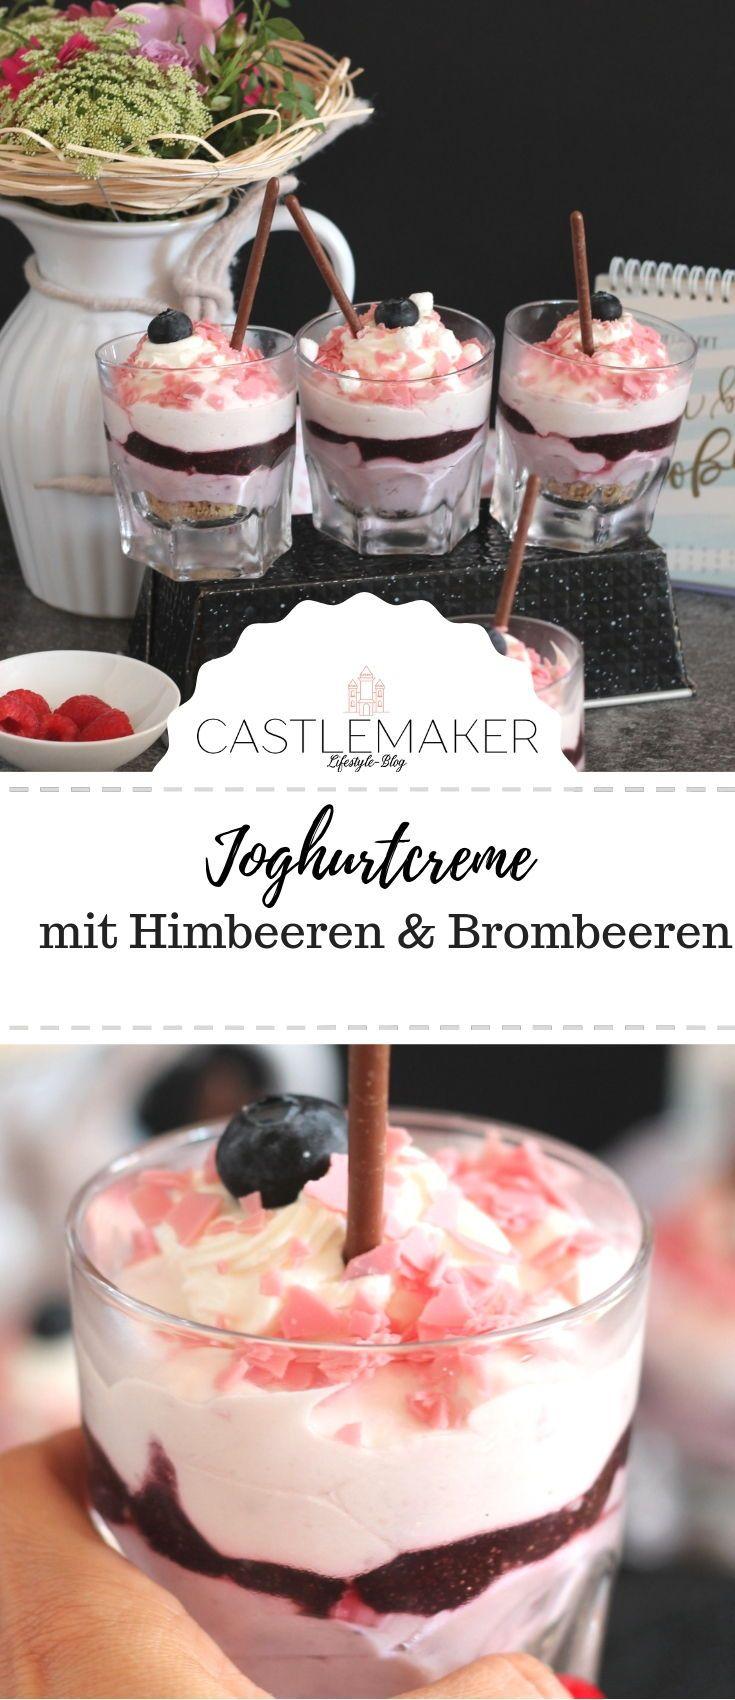 Joghurt-Schichtdessert Beerentraum mit Himbeeren & Brombeeren